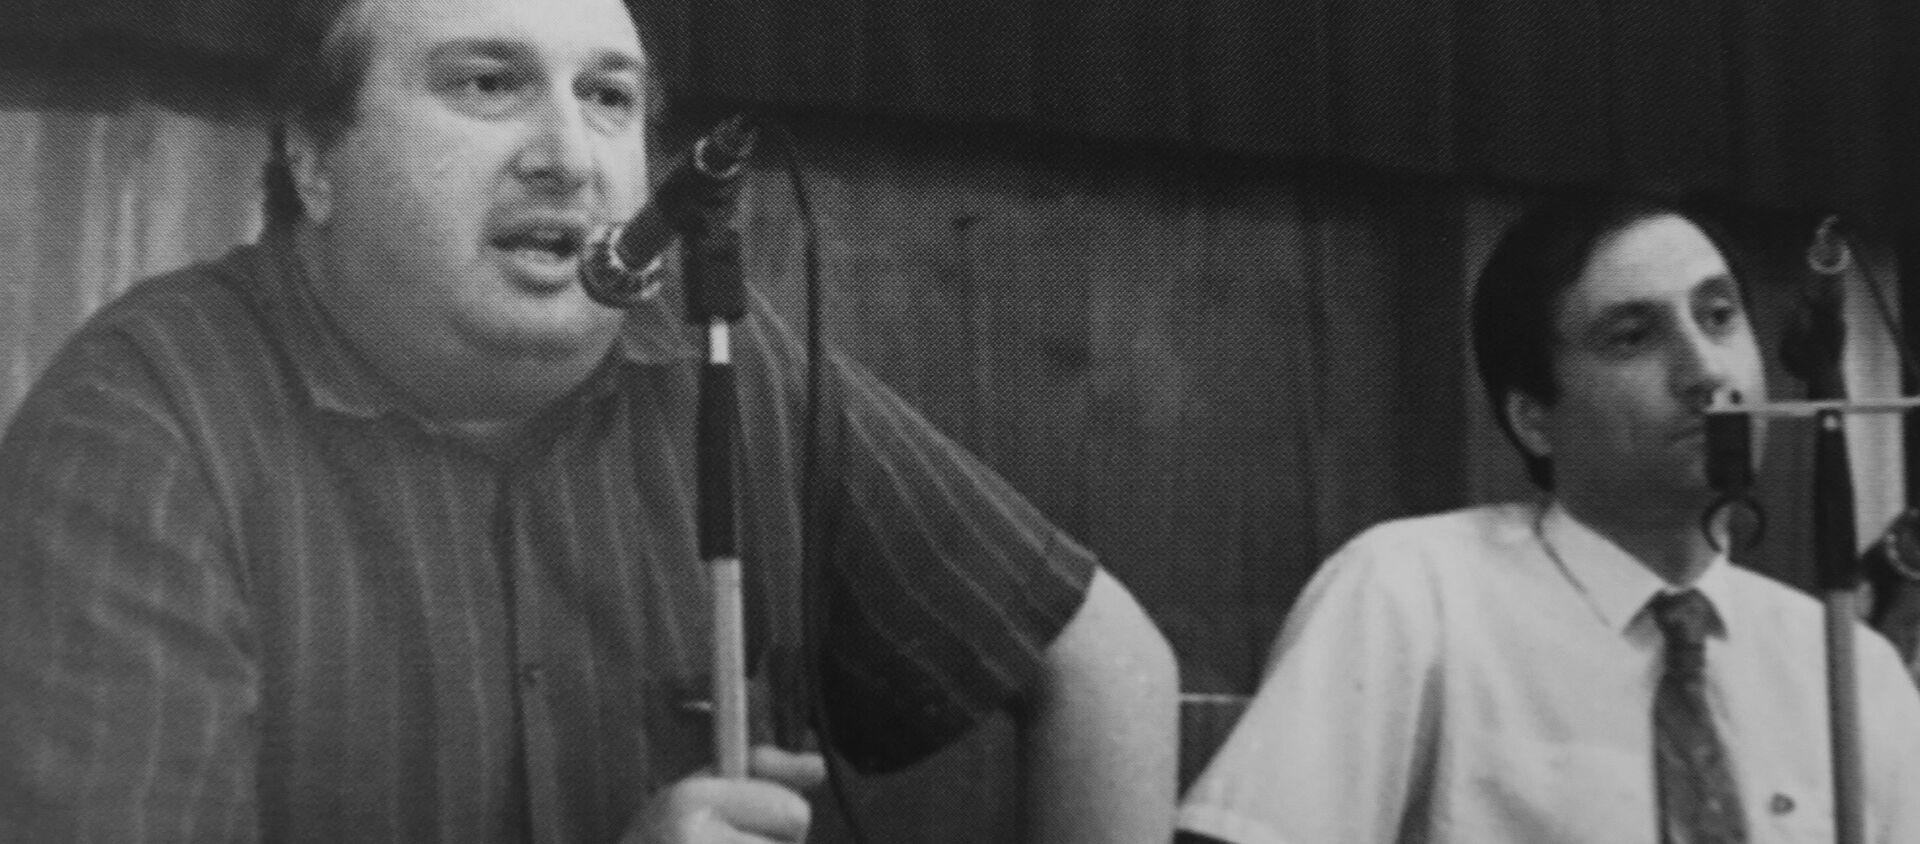 Депутаты Зураб Ачба и Сергей Шамба на пресс-конференции. Архивное фото. - Sputnik Абхазия, 1920, 23.02.2016